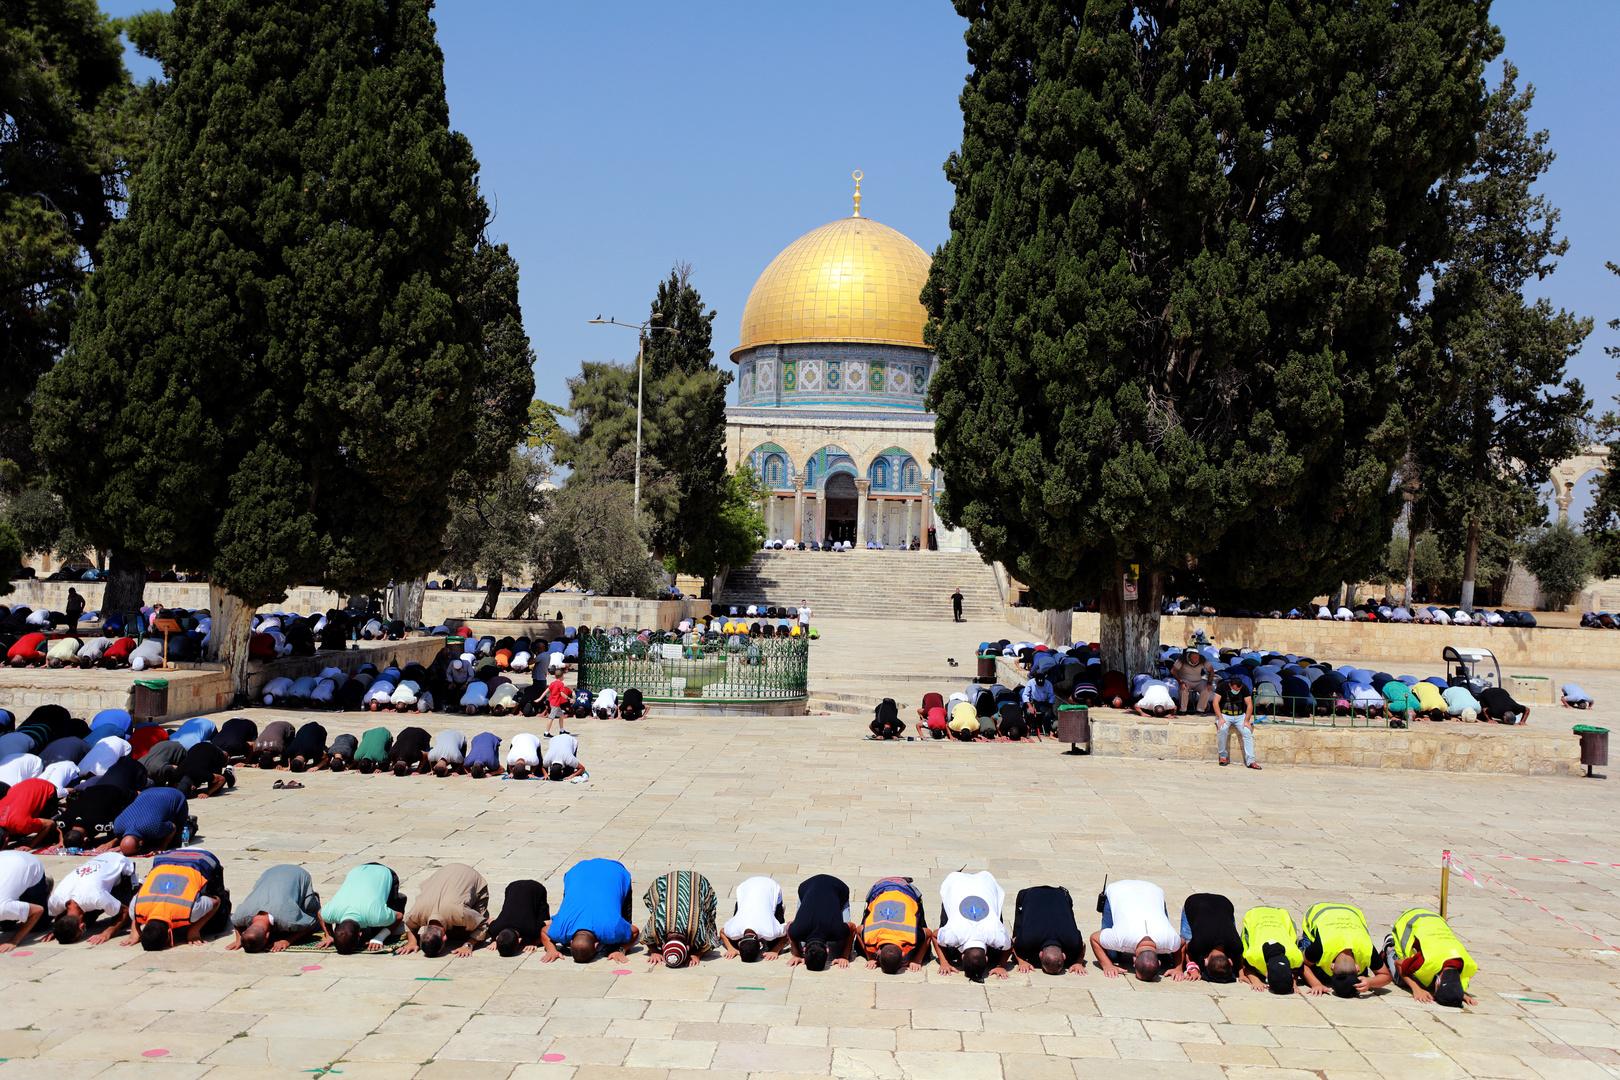 مفتي القدس يدين محاولات إسرائيل هدم الأقصى